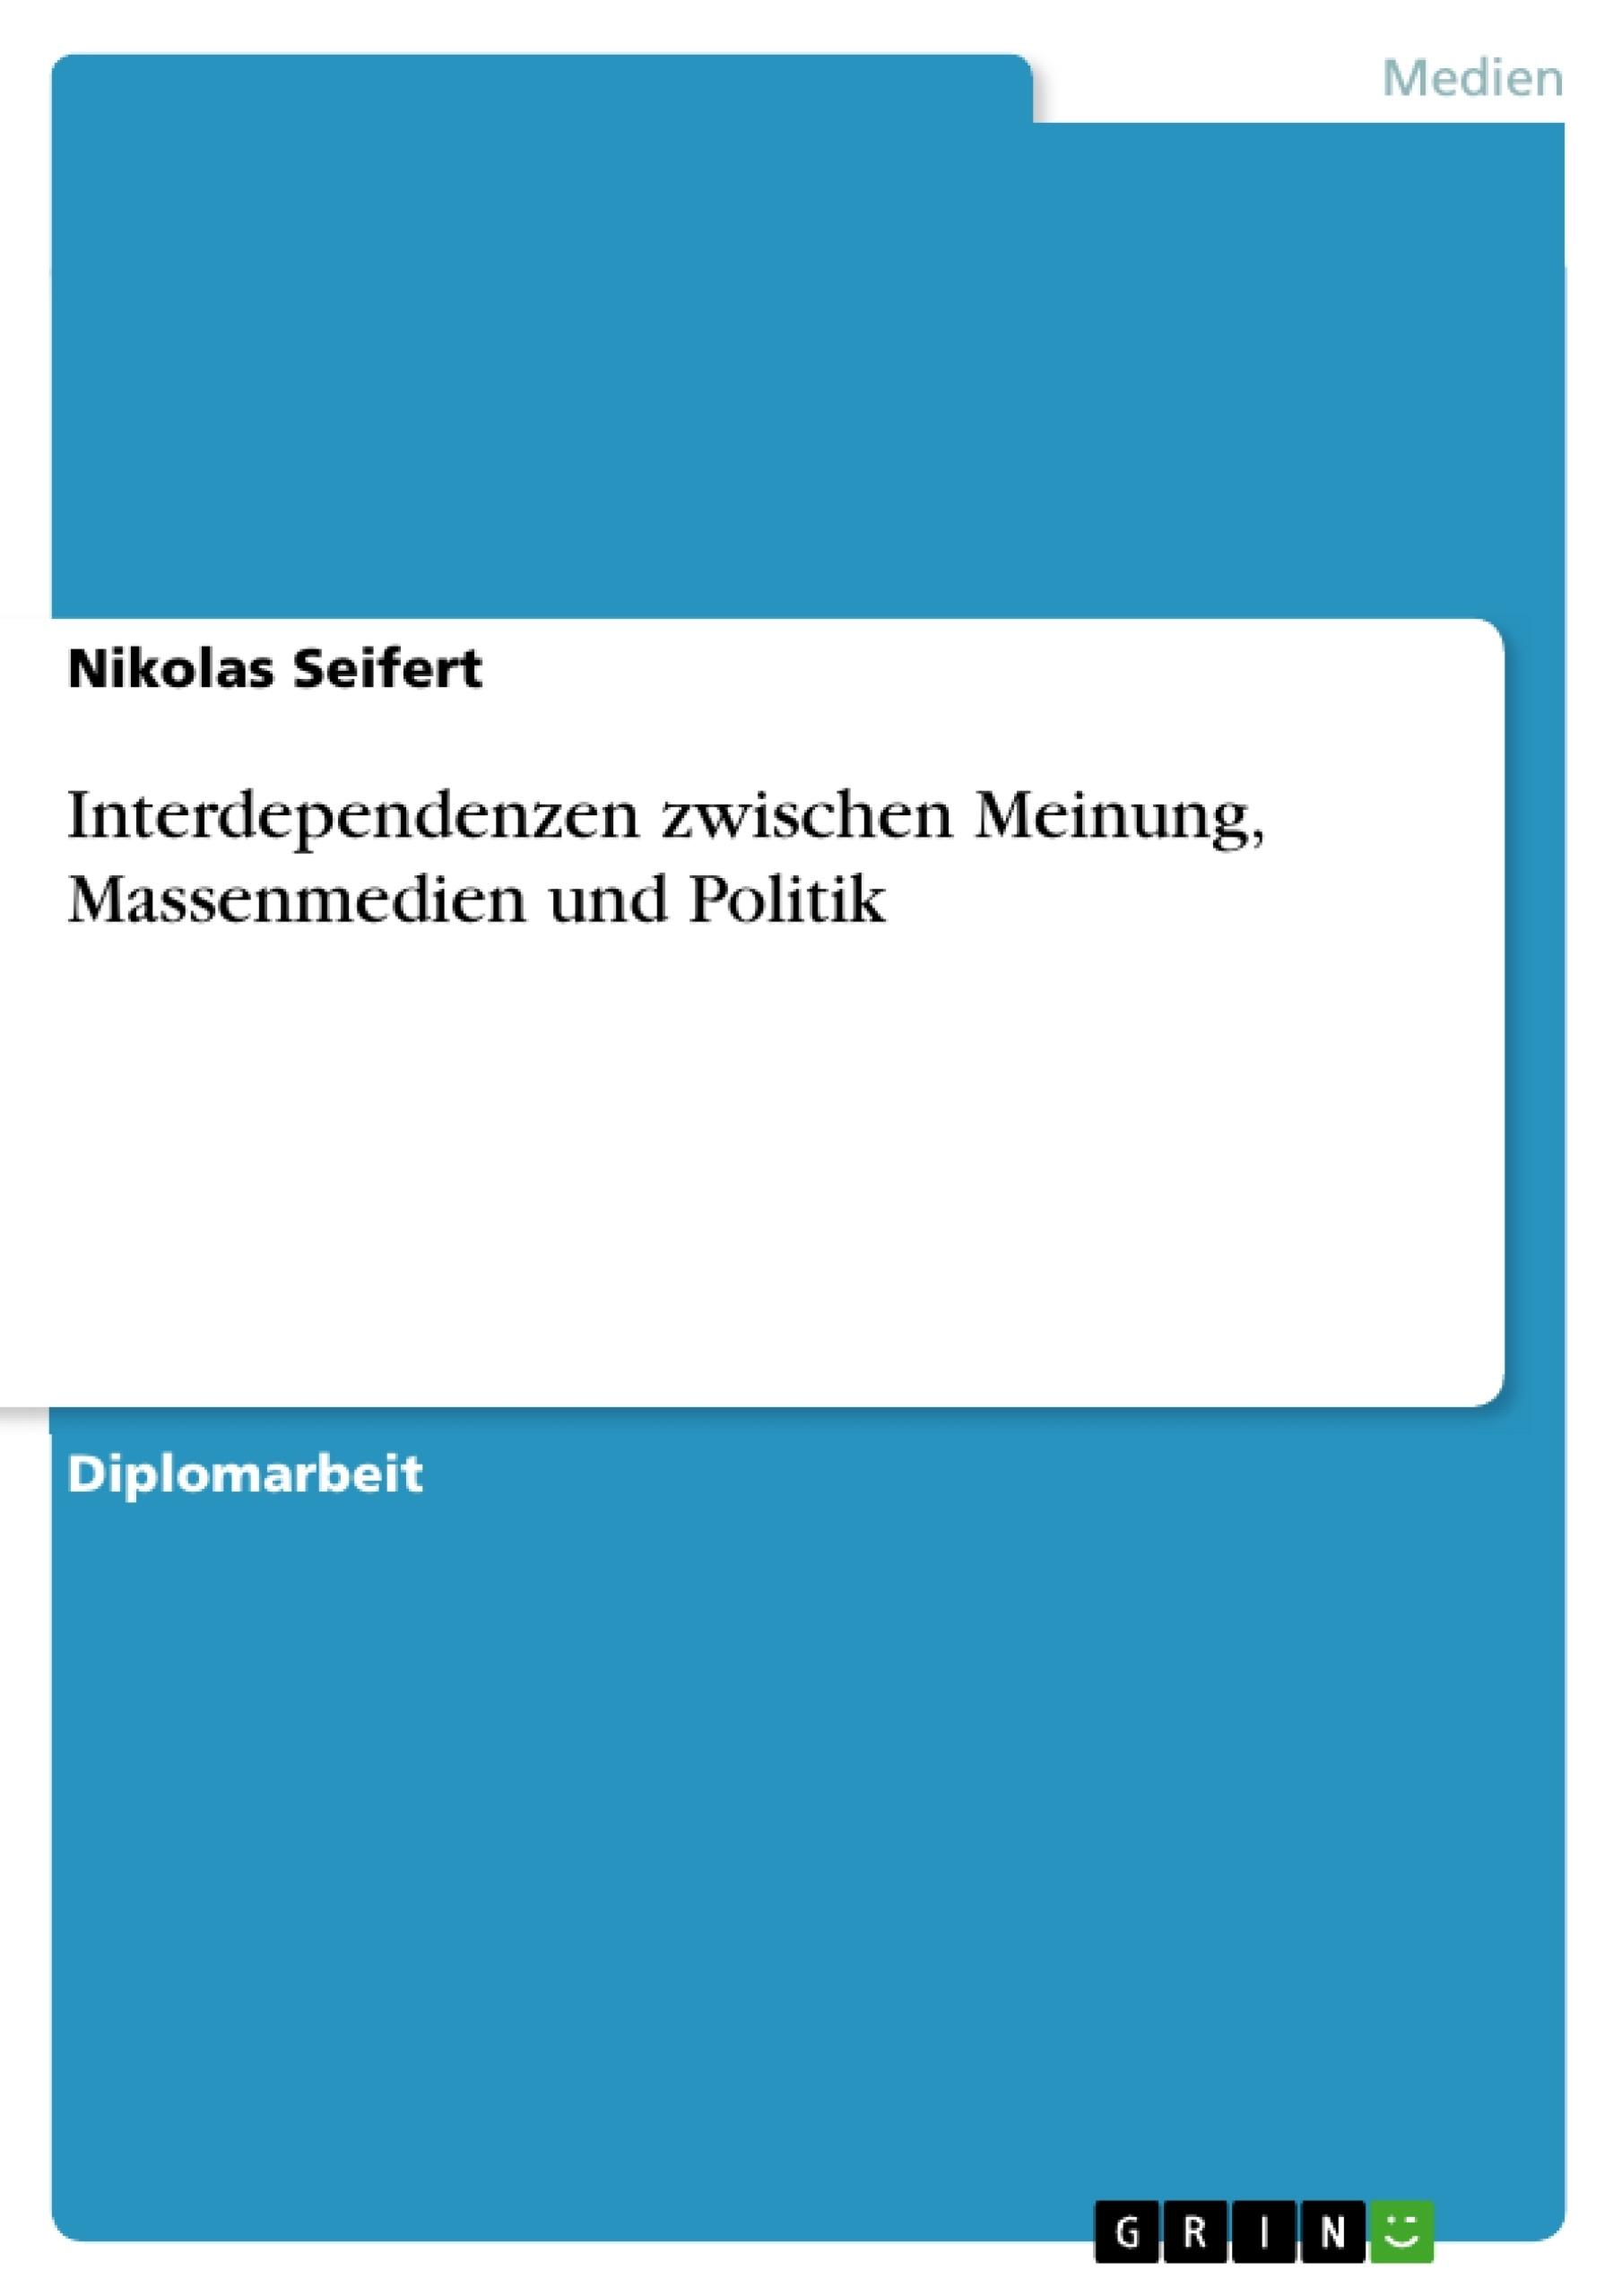 Titel: Interdependenzen zwischen Meinung, Massenmedien und Politik